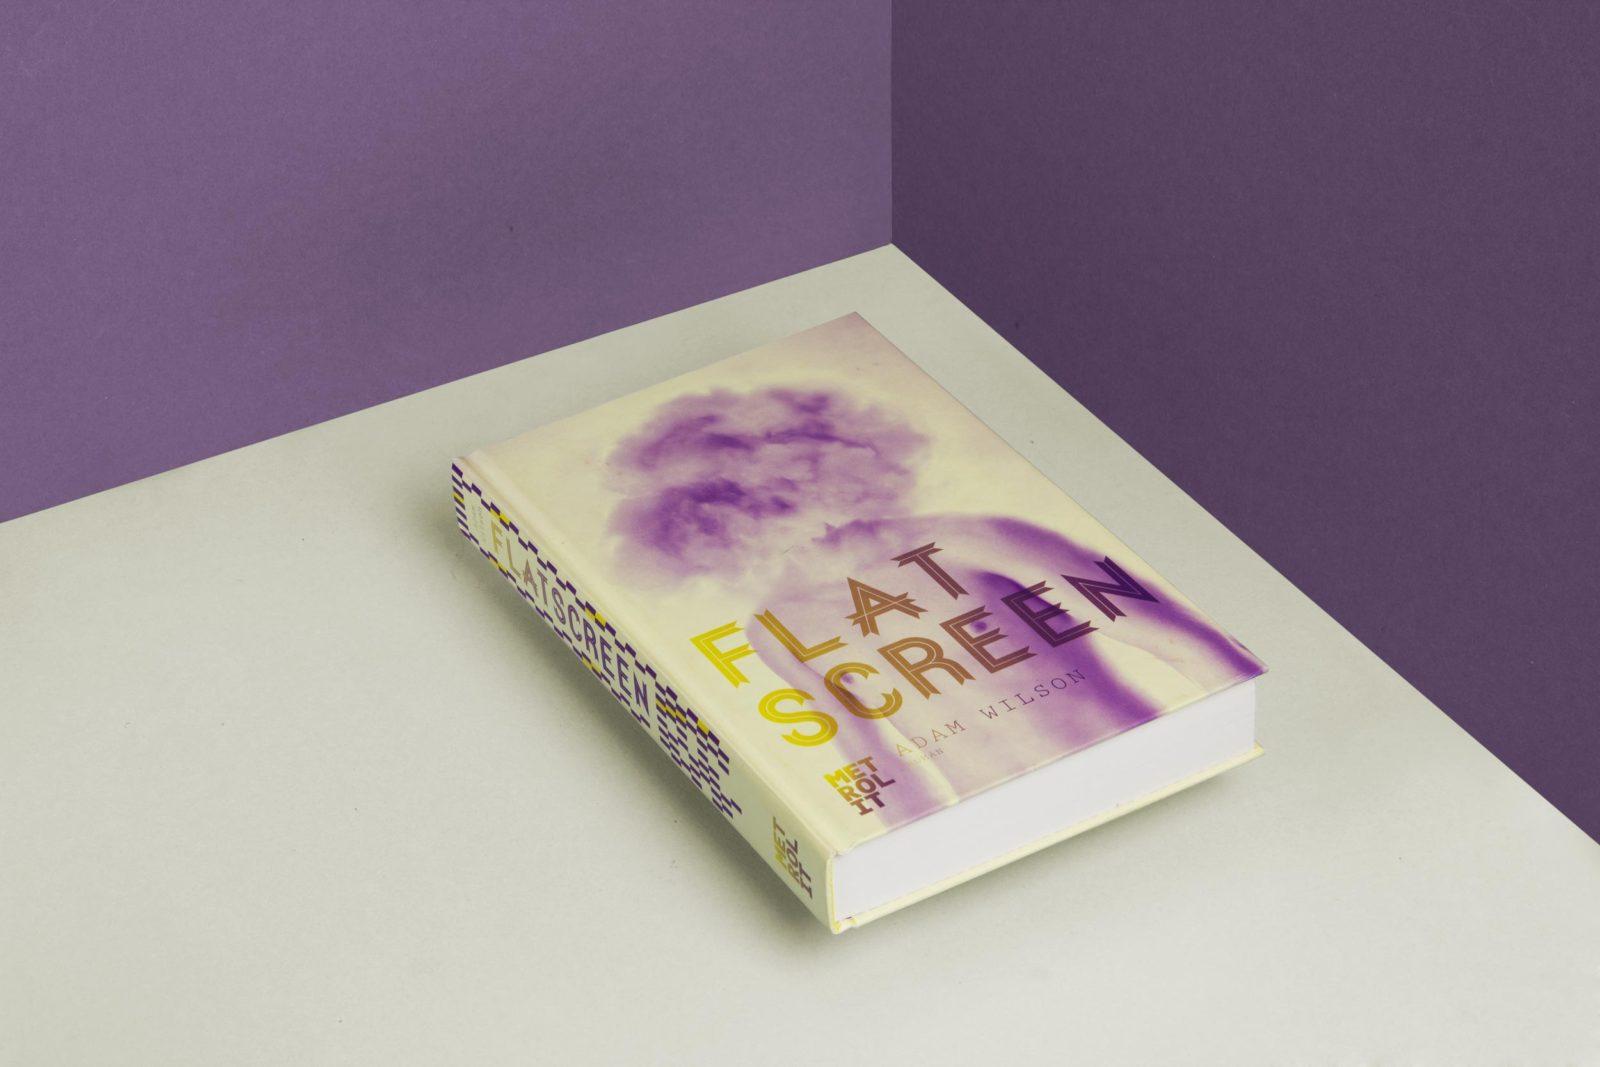 Editienne Grafikdesign - Kommunikationsdesign Berlin- Buchcoverdesign und Buchgestaltung 30